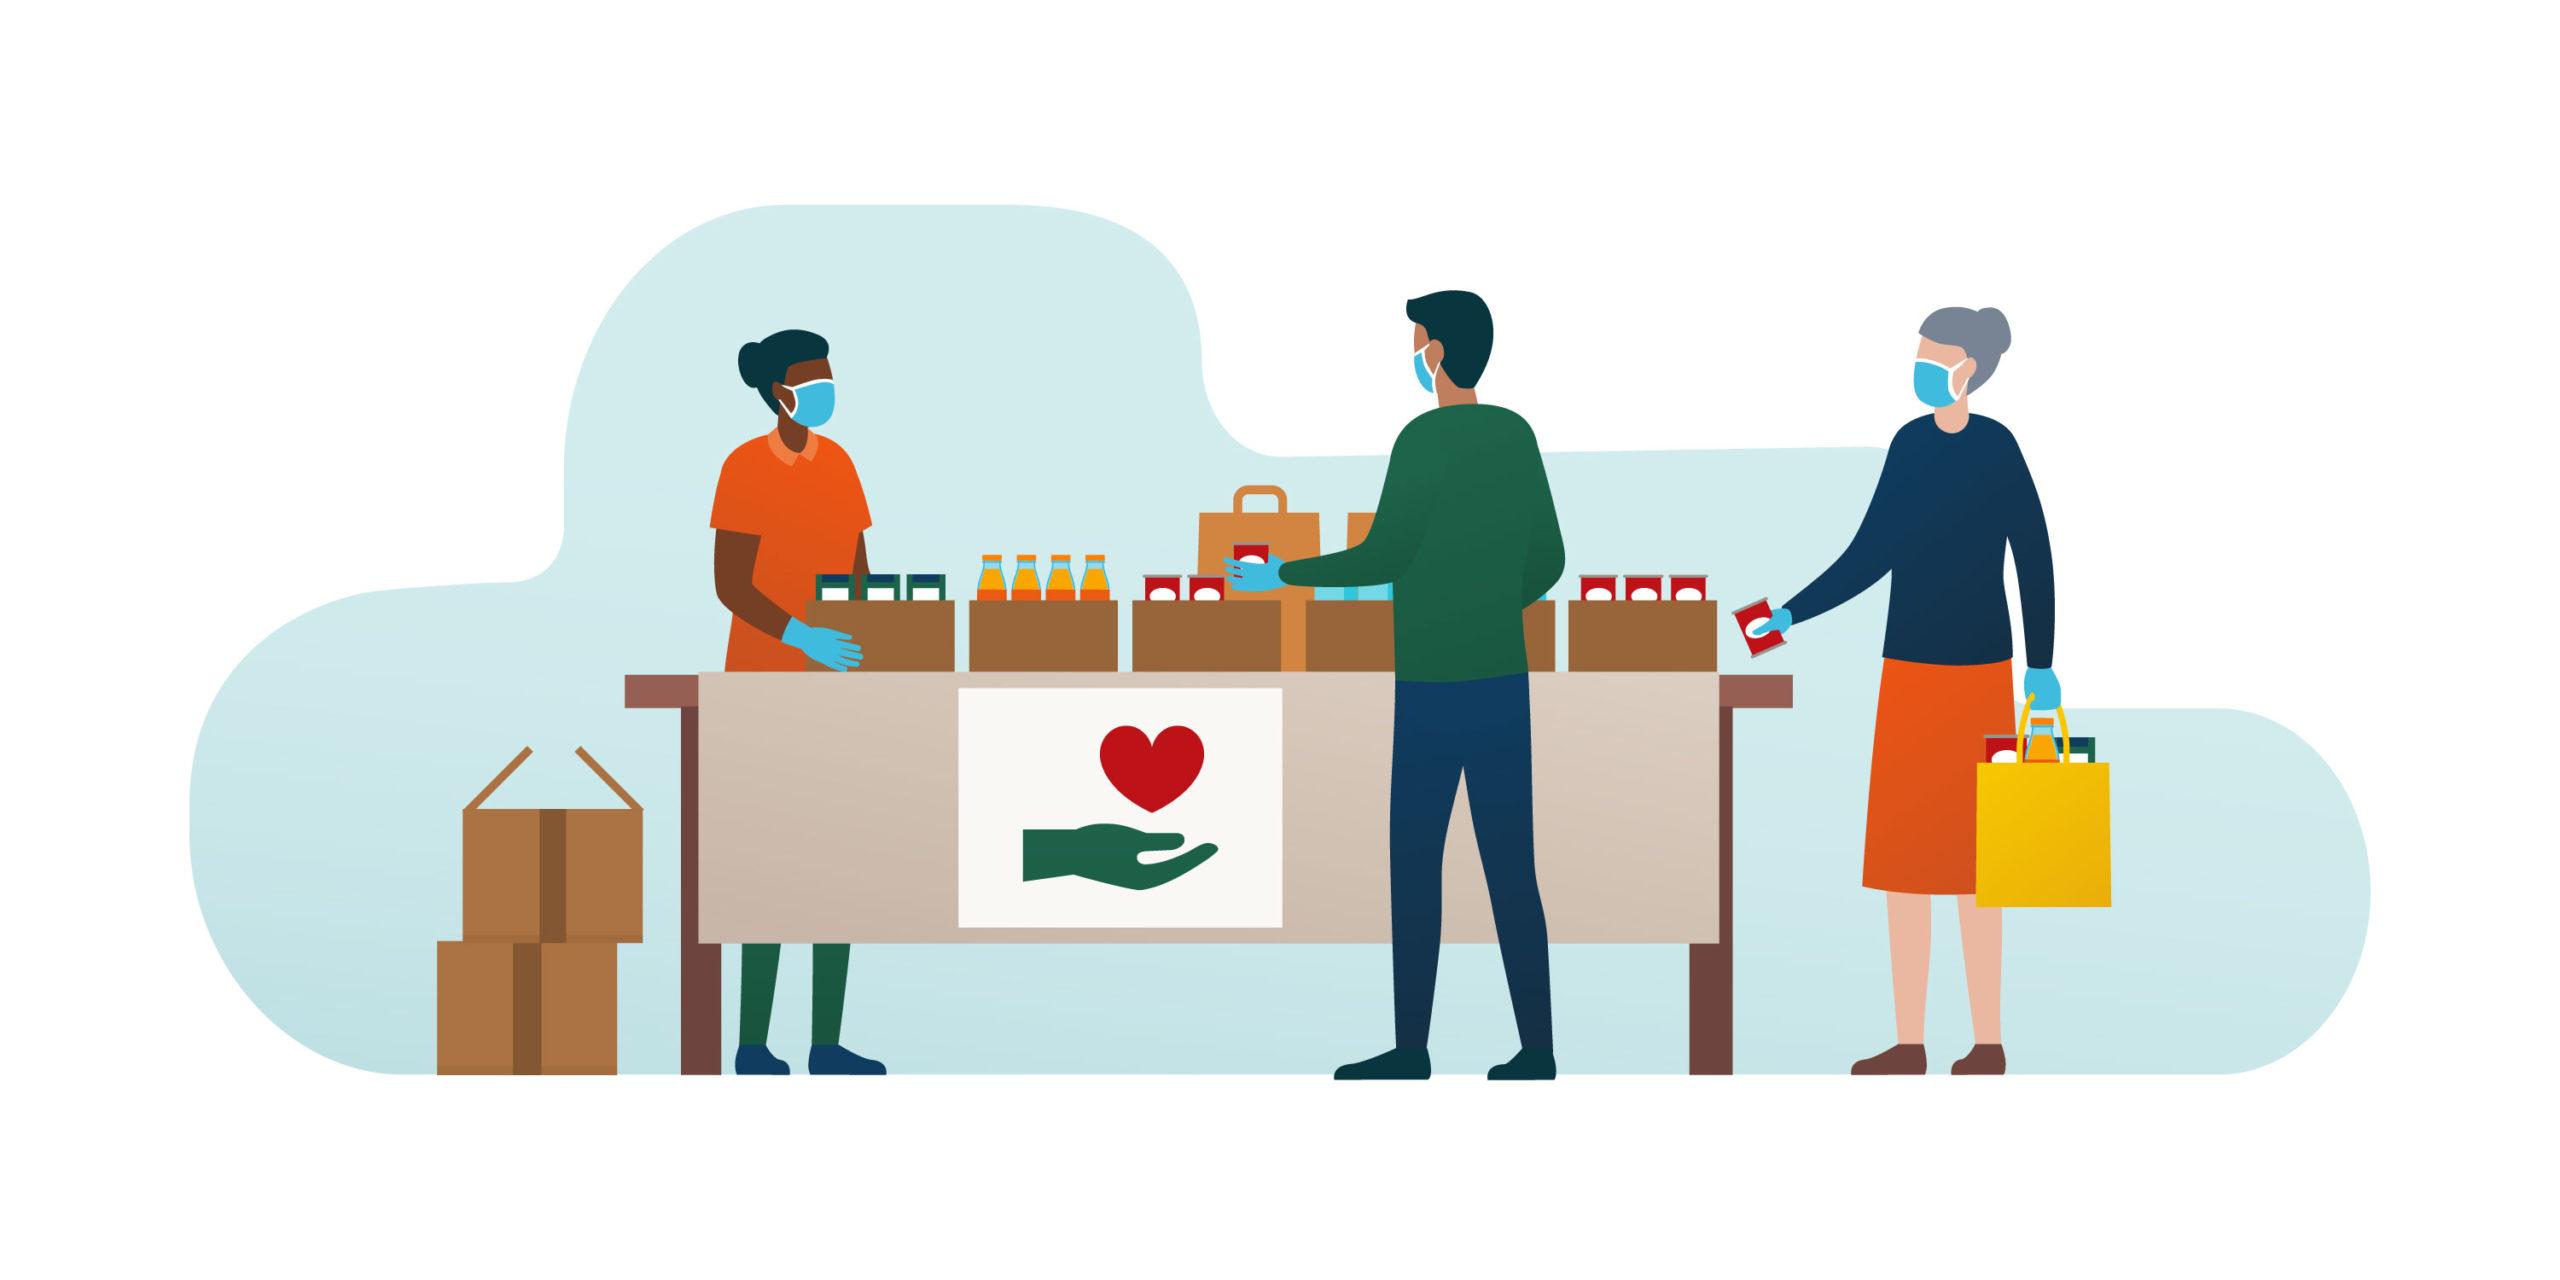 Prevendo a segurança alimentar: as medidas que tomamos agora podem ajudar 2